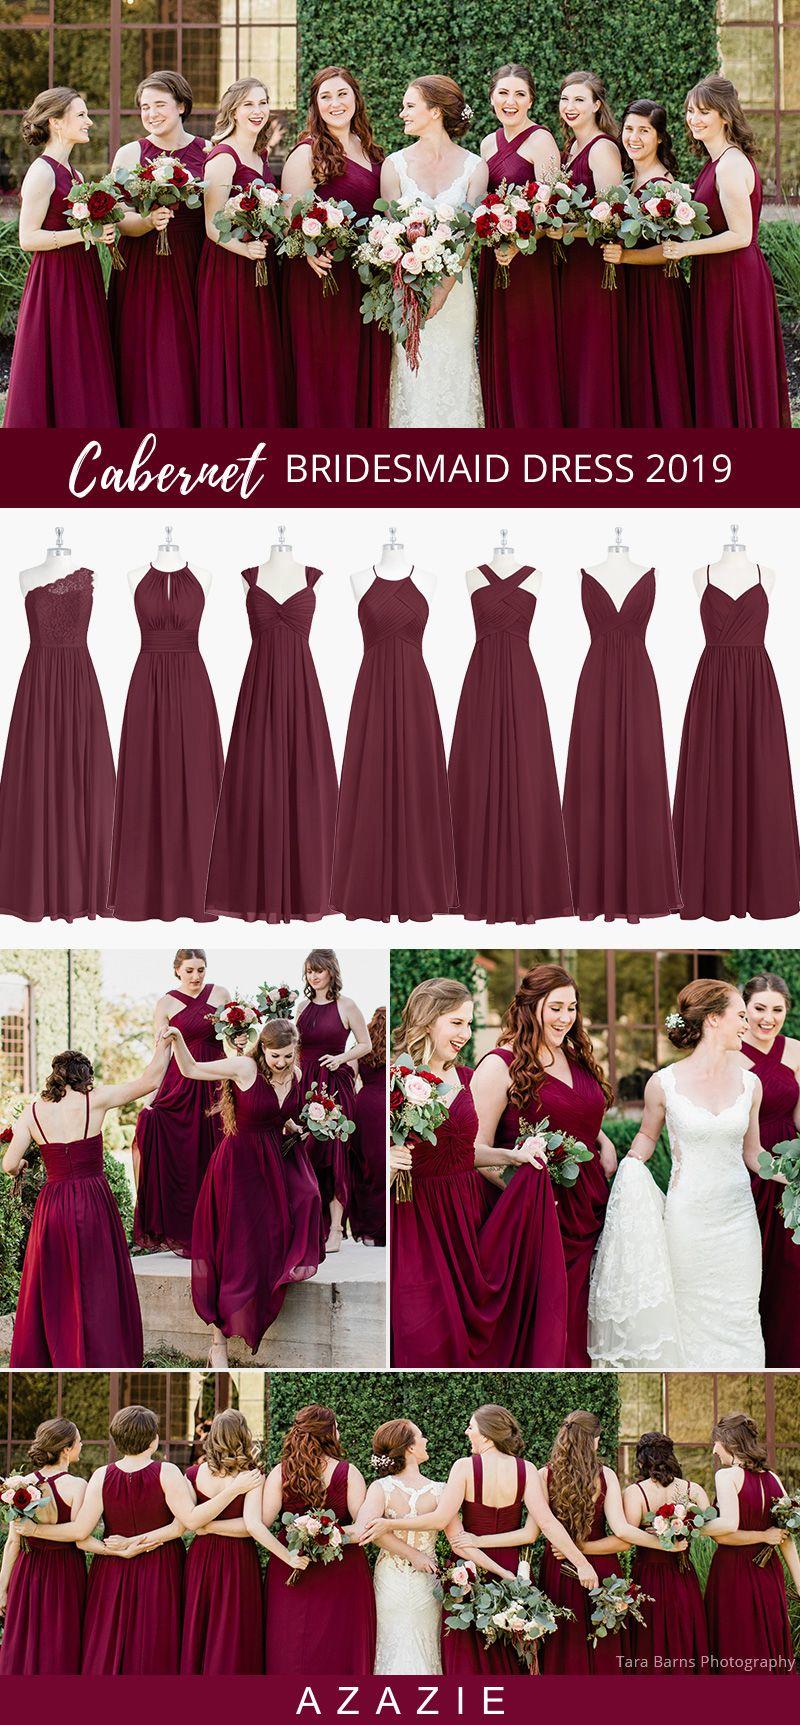 Fall Wedding Color Trends Azazie Cabernet Bridesmaid Dresses Fall Bridesmaid Dresses Fall Wedding Color Trends Burgundy Bridesmaid Dresses